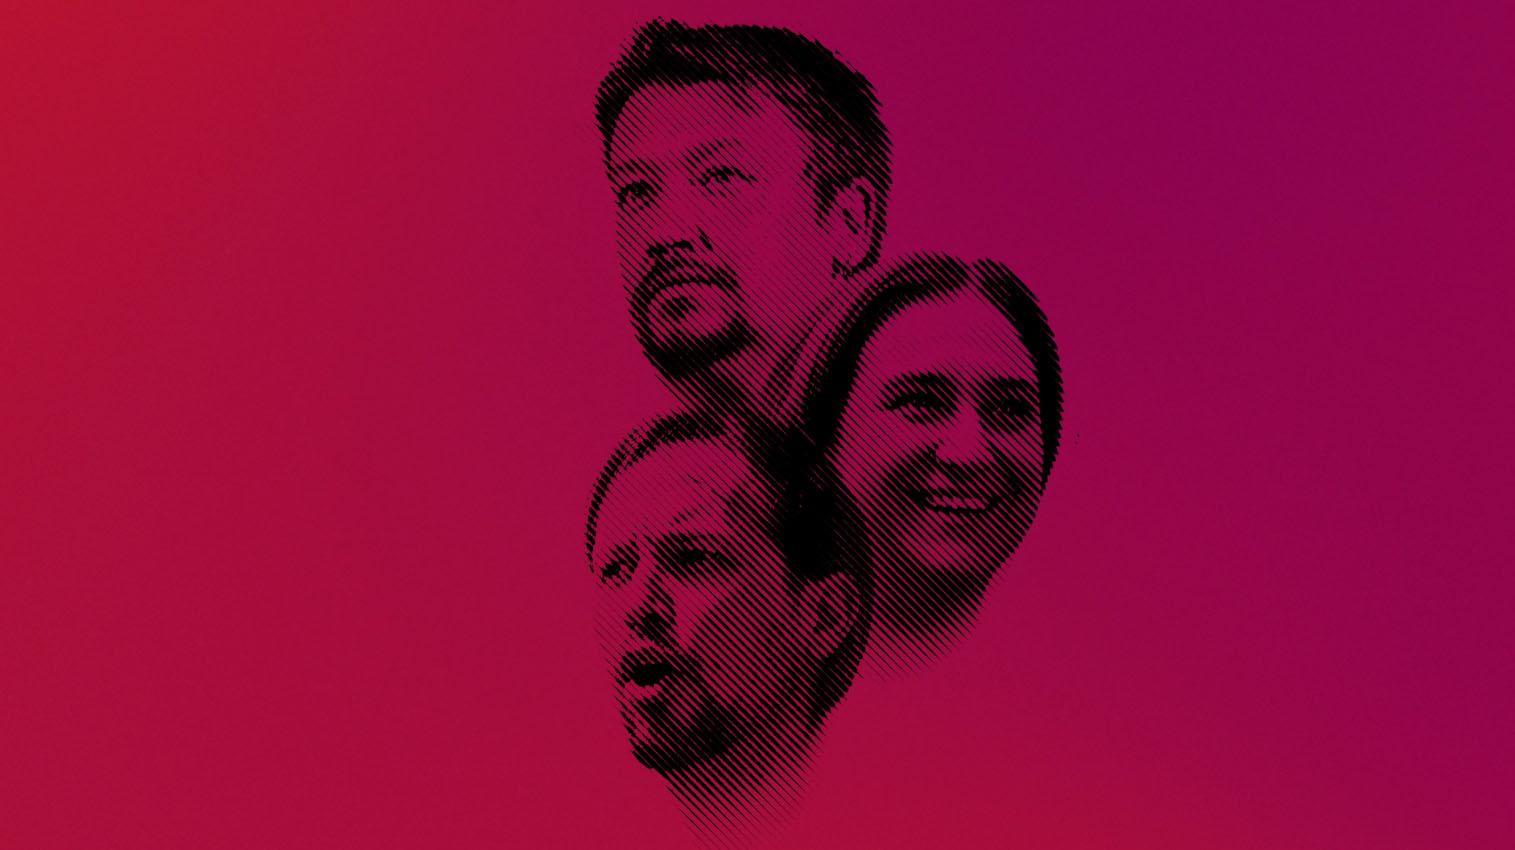 Colau y Domènech, estrellas del espot coral de campaña de En Comú Podem